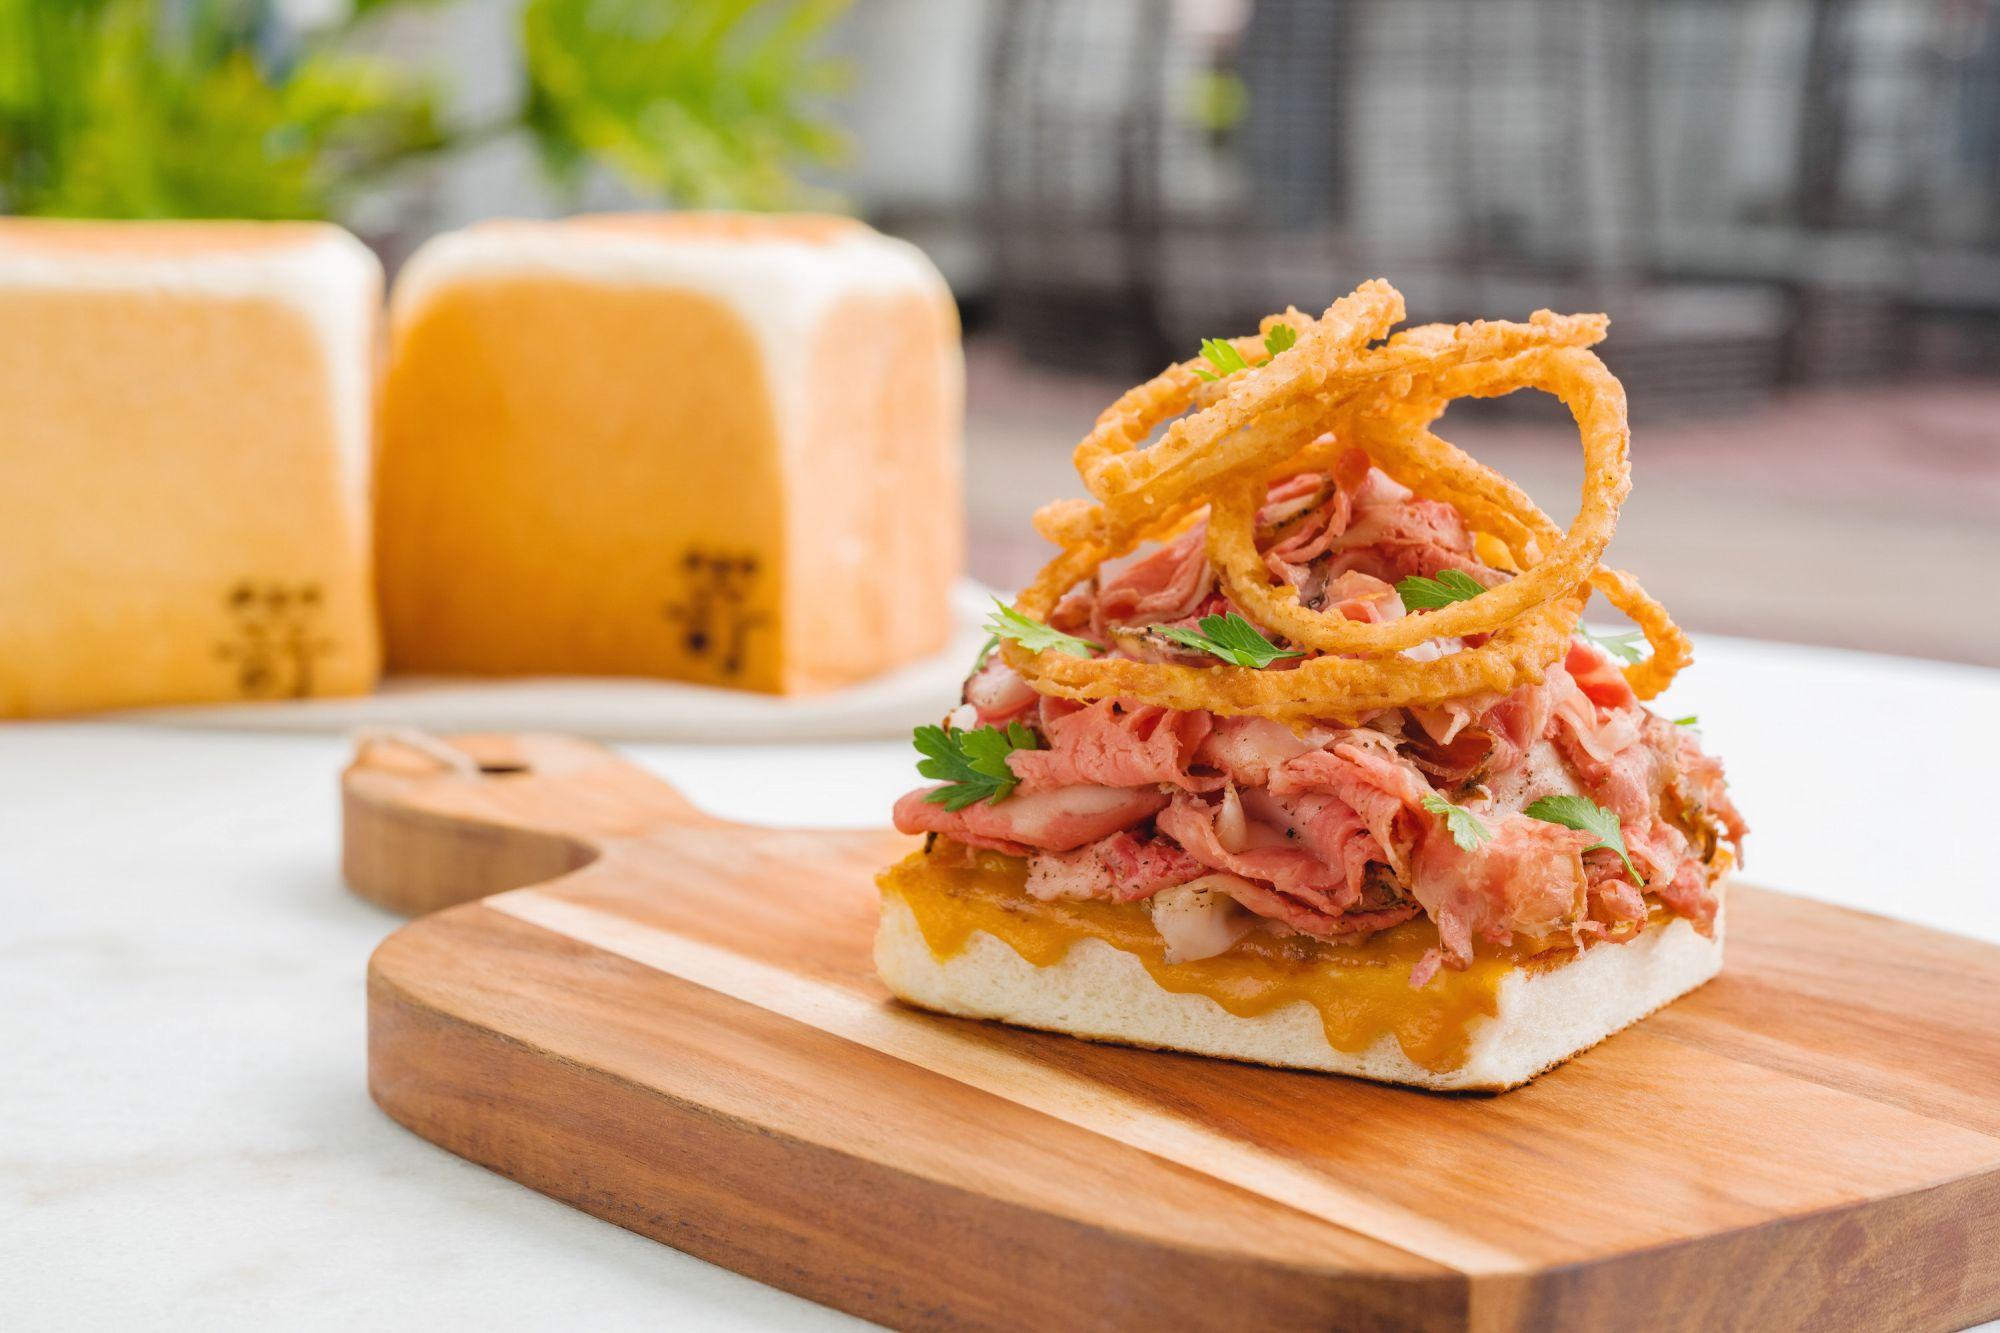 豪華早午餐新選擇!米其林推薦餐廳WILDWOOD聯名嵜本SAKImoto Bakery,期間限定推出三款「燒烤生吐司三明治」